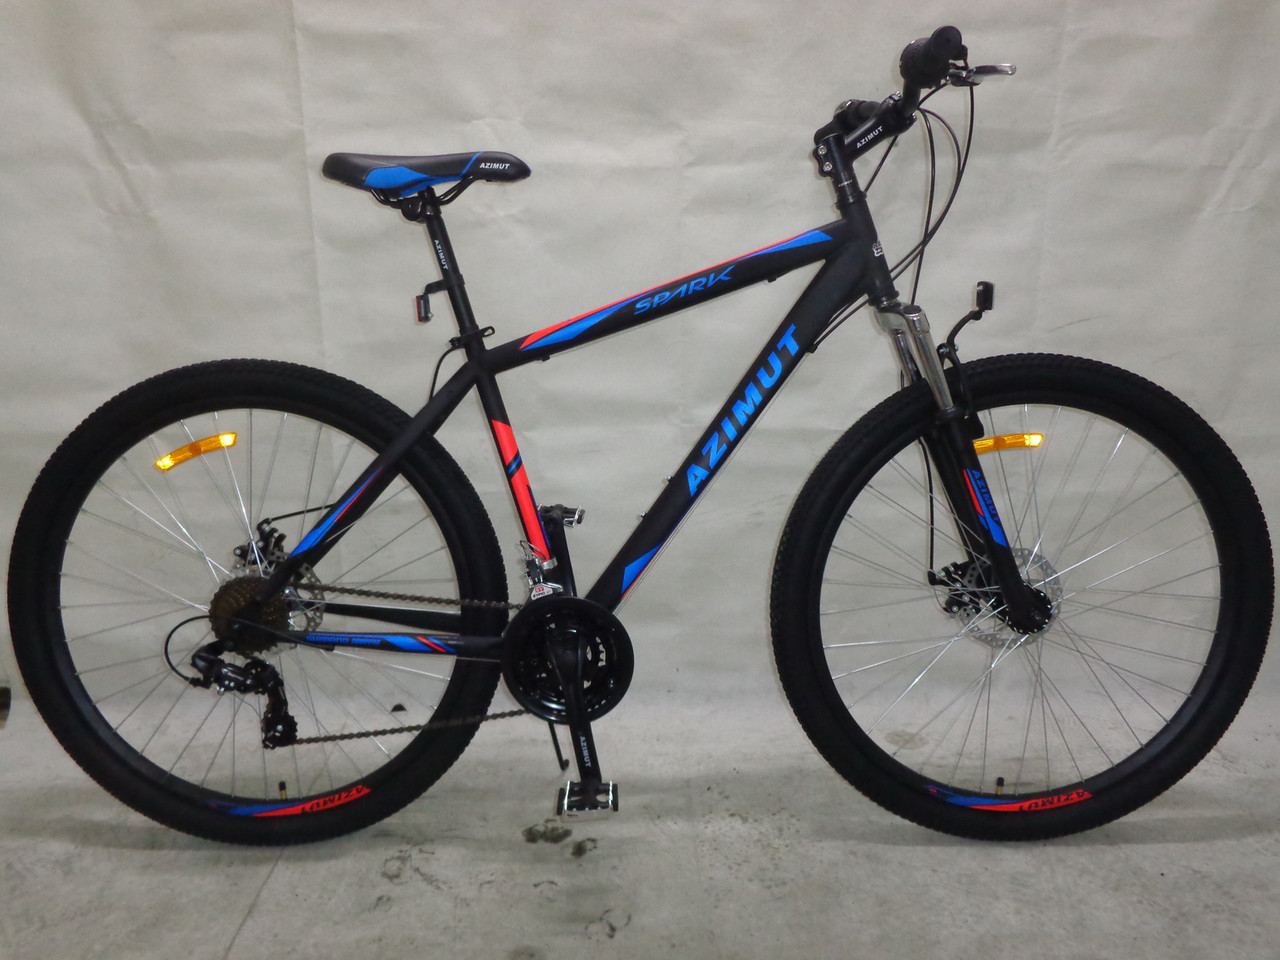 Горный подростковый велосипед 26 дюйма  Azimut Spark  в максимальной к